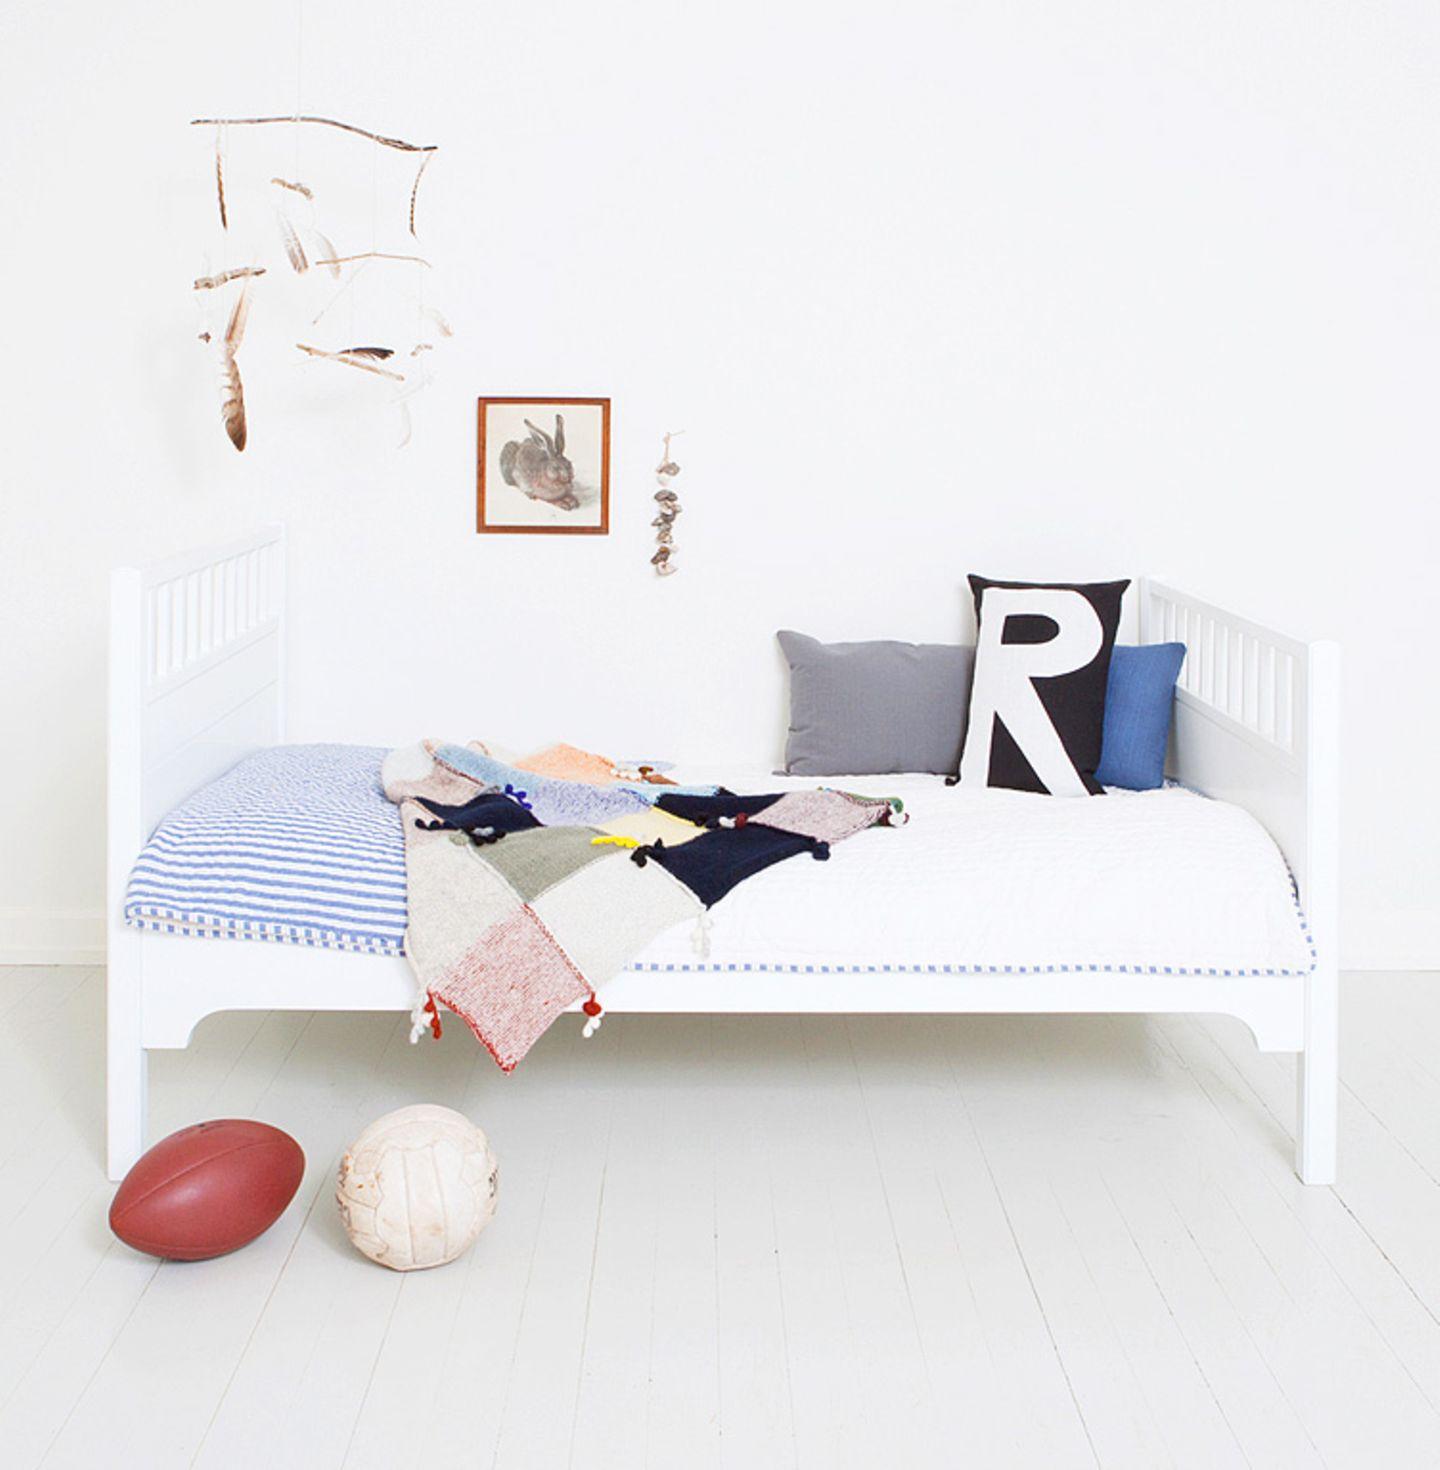 Kinderbett in strahlendem Weiß